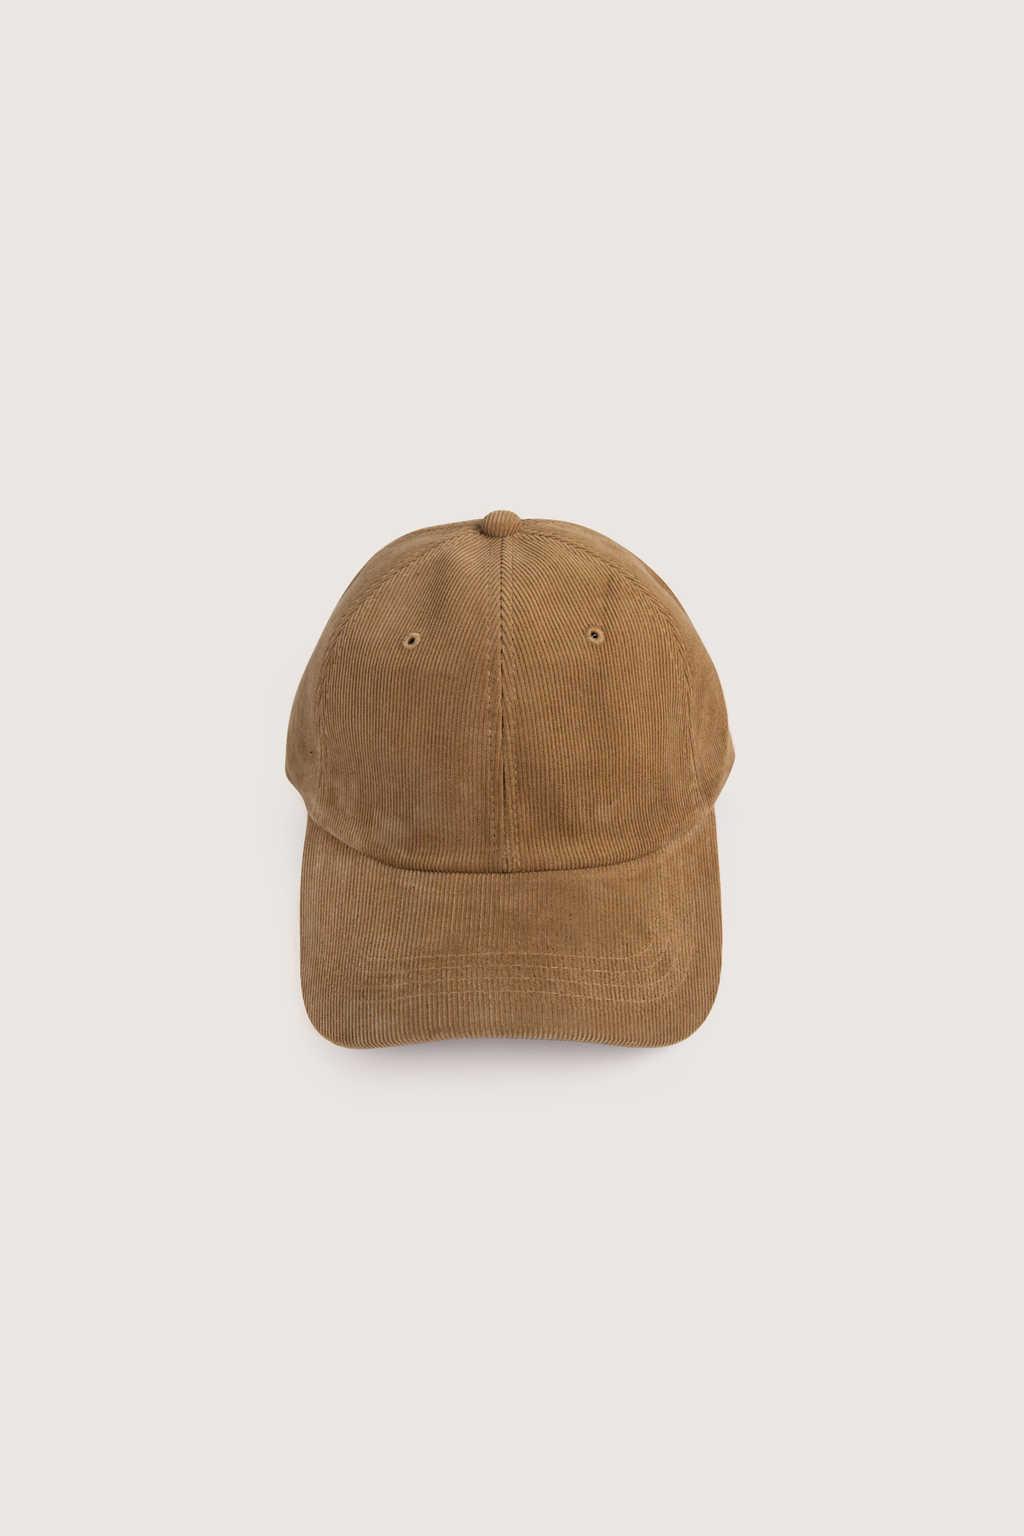 Hat H023 Beige 2